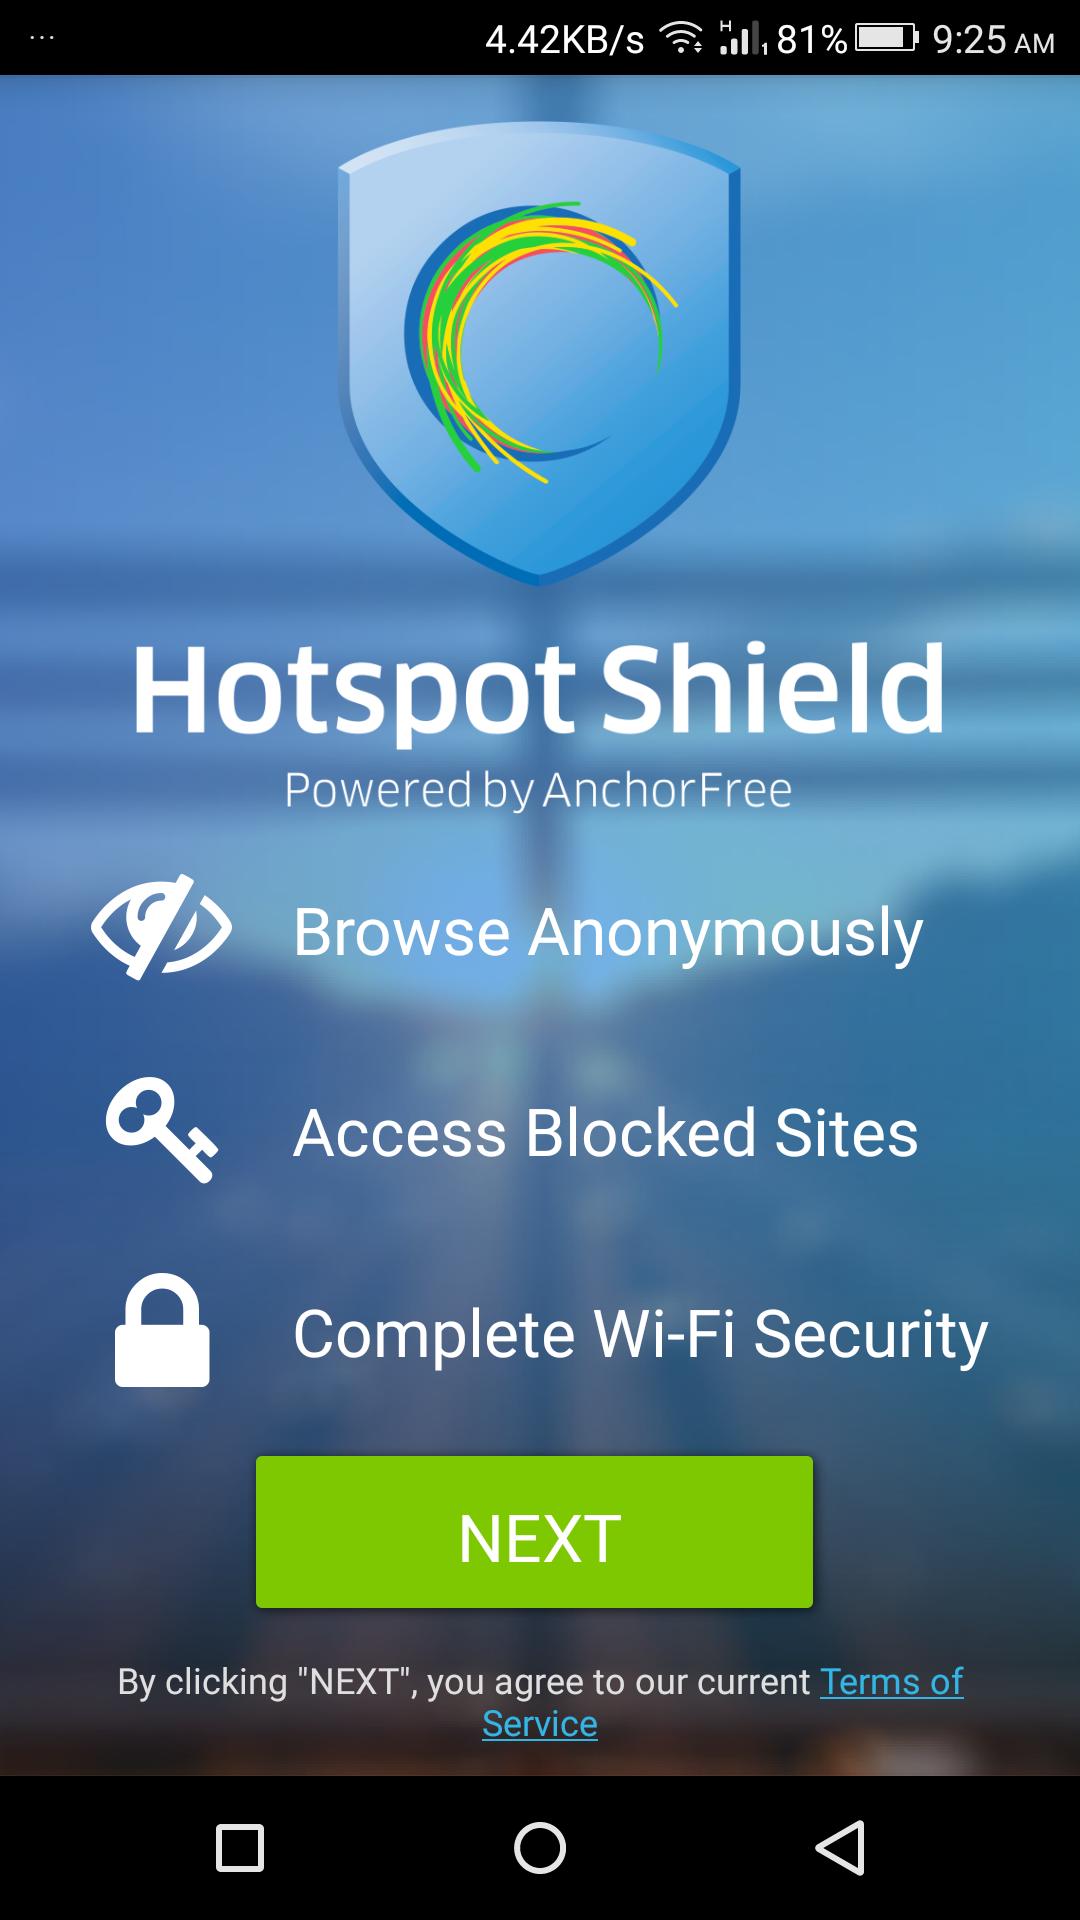 دانلود hotspot shield برای اندروید 4